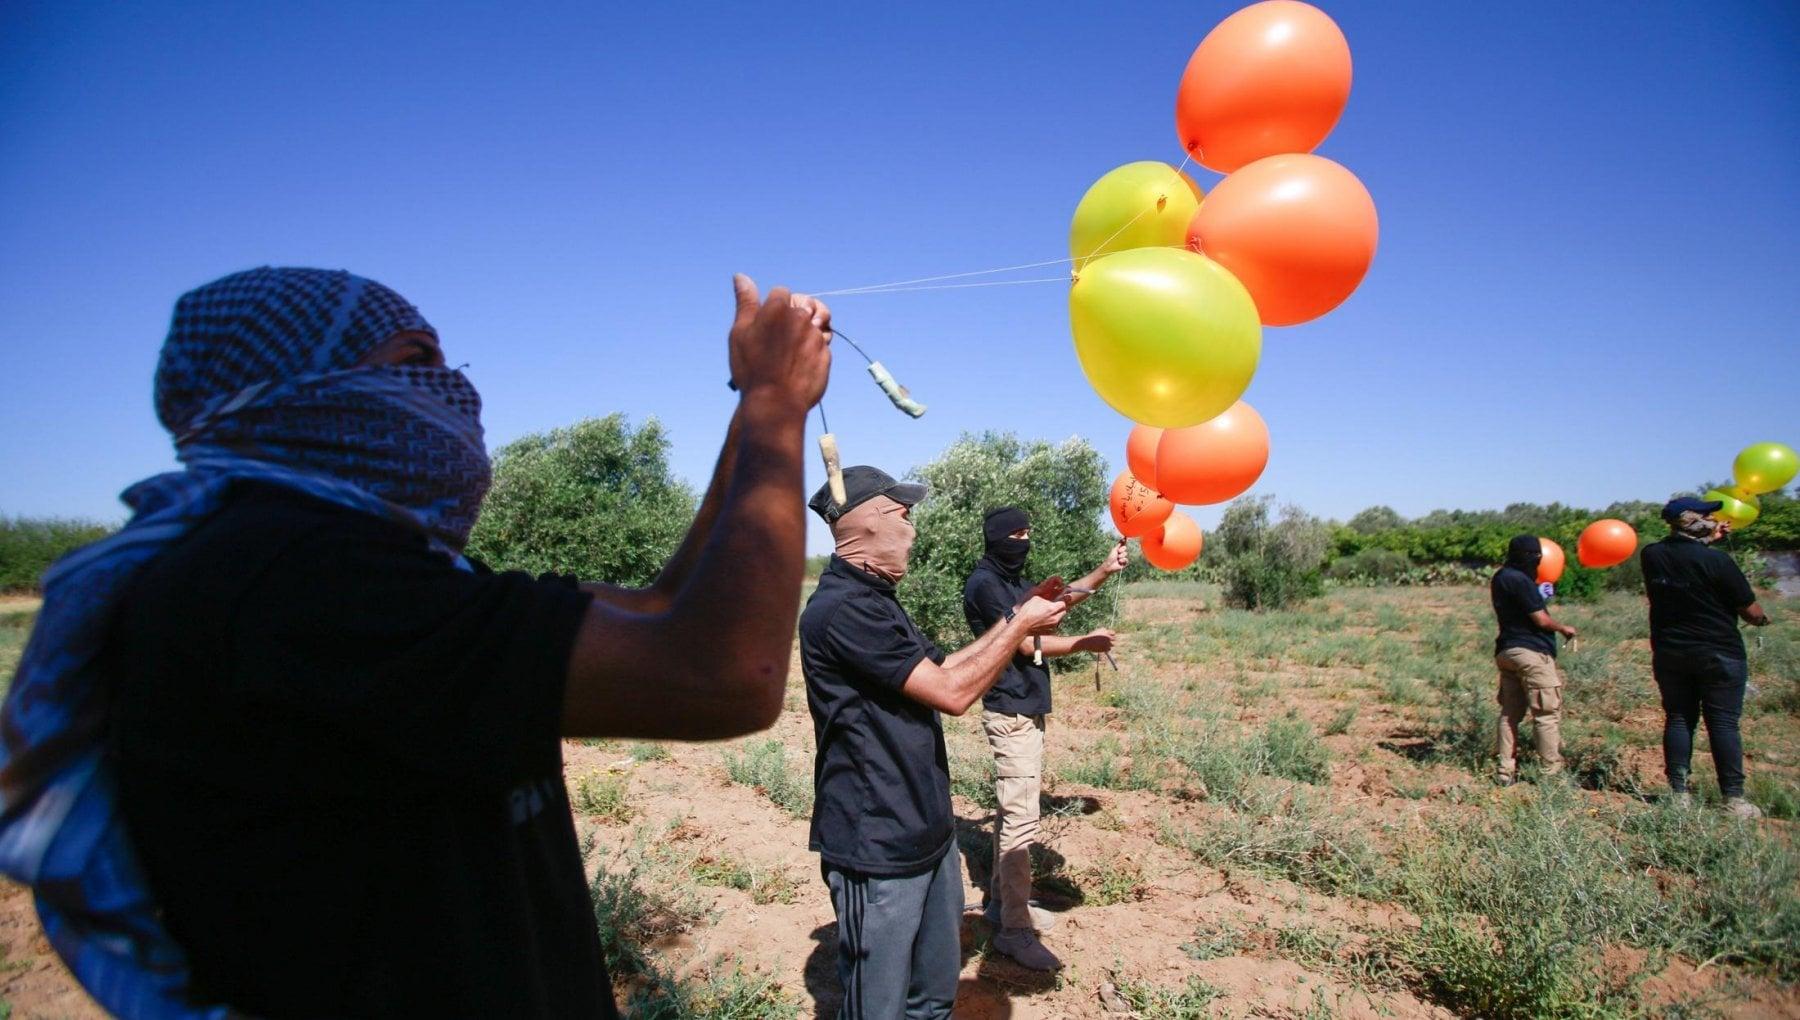 154956378 dd2c85c7 3fdc 4a9d a7d4 2492811e5951 - Israele, il governo Bennett risponde con i raid su Gaza ai palloni incendiari di Hamas